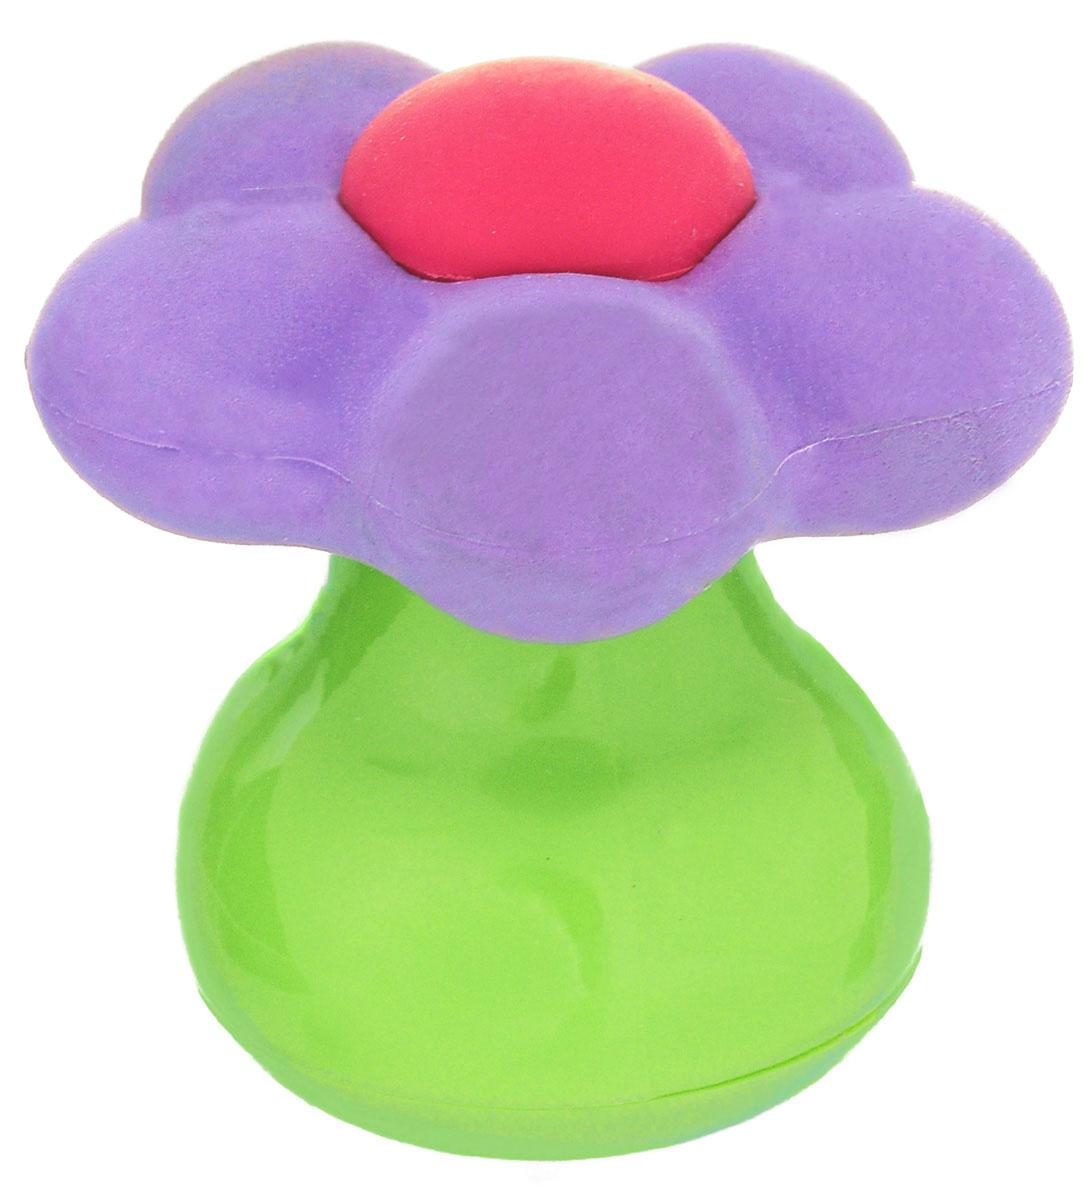 Brunnen Точилка Цветок, с ластиком, цвет: зеленый, фиолетовыйFS-36052Удобная точилка в пластиковом корпусе в виде цветка на толстой ножке, предназначена для затачивания карандашей. Острое стальное лезвие обеспечивает высококачественную и точную заточку. Карандаш затачивается легко и аккуратно, а опилки после заточки остаются в специальном контейнере. Точилка дополнена ластиком-цветком.